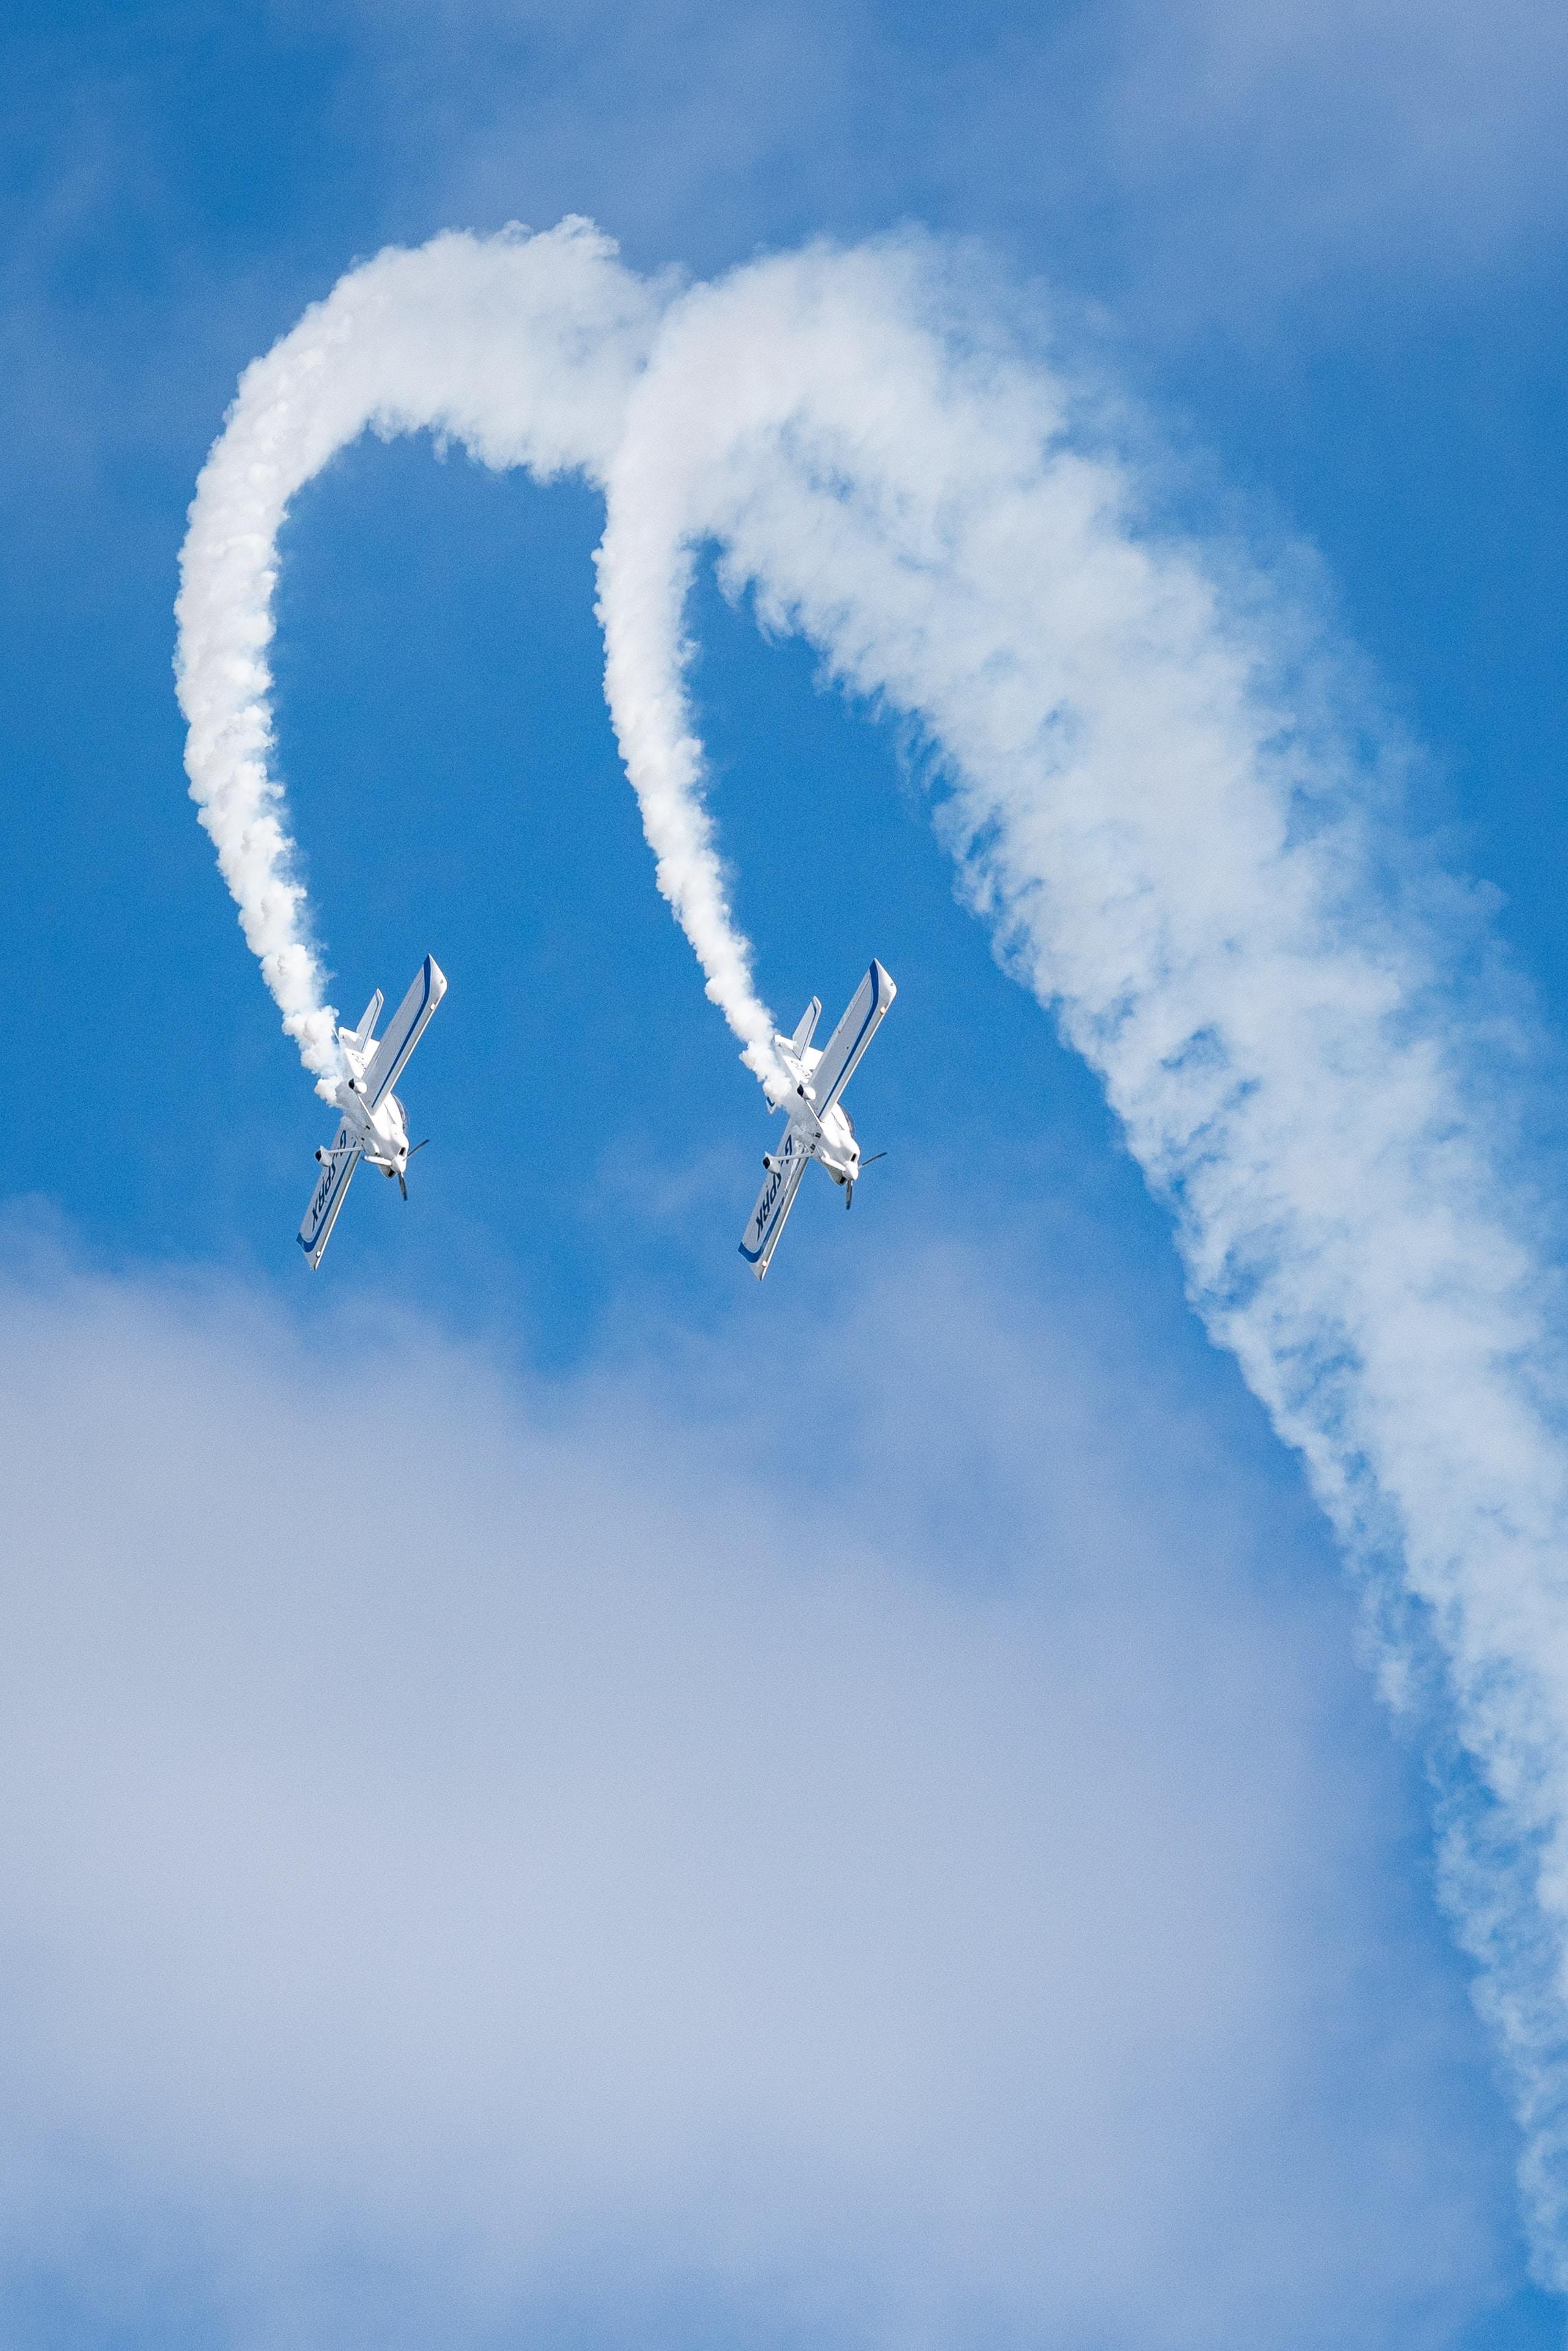 151560 скачать обои Разное, Небо, Высший Пилотаж, Авиашоу, Дым, Самолеты - заставки и картинки бесплатно